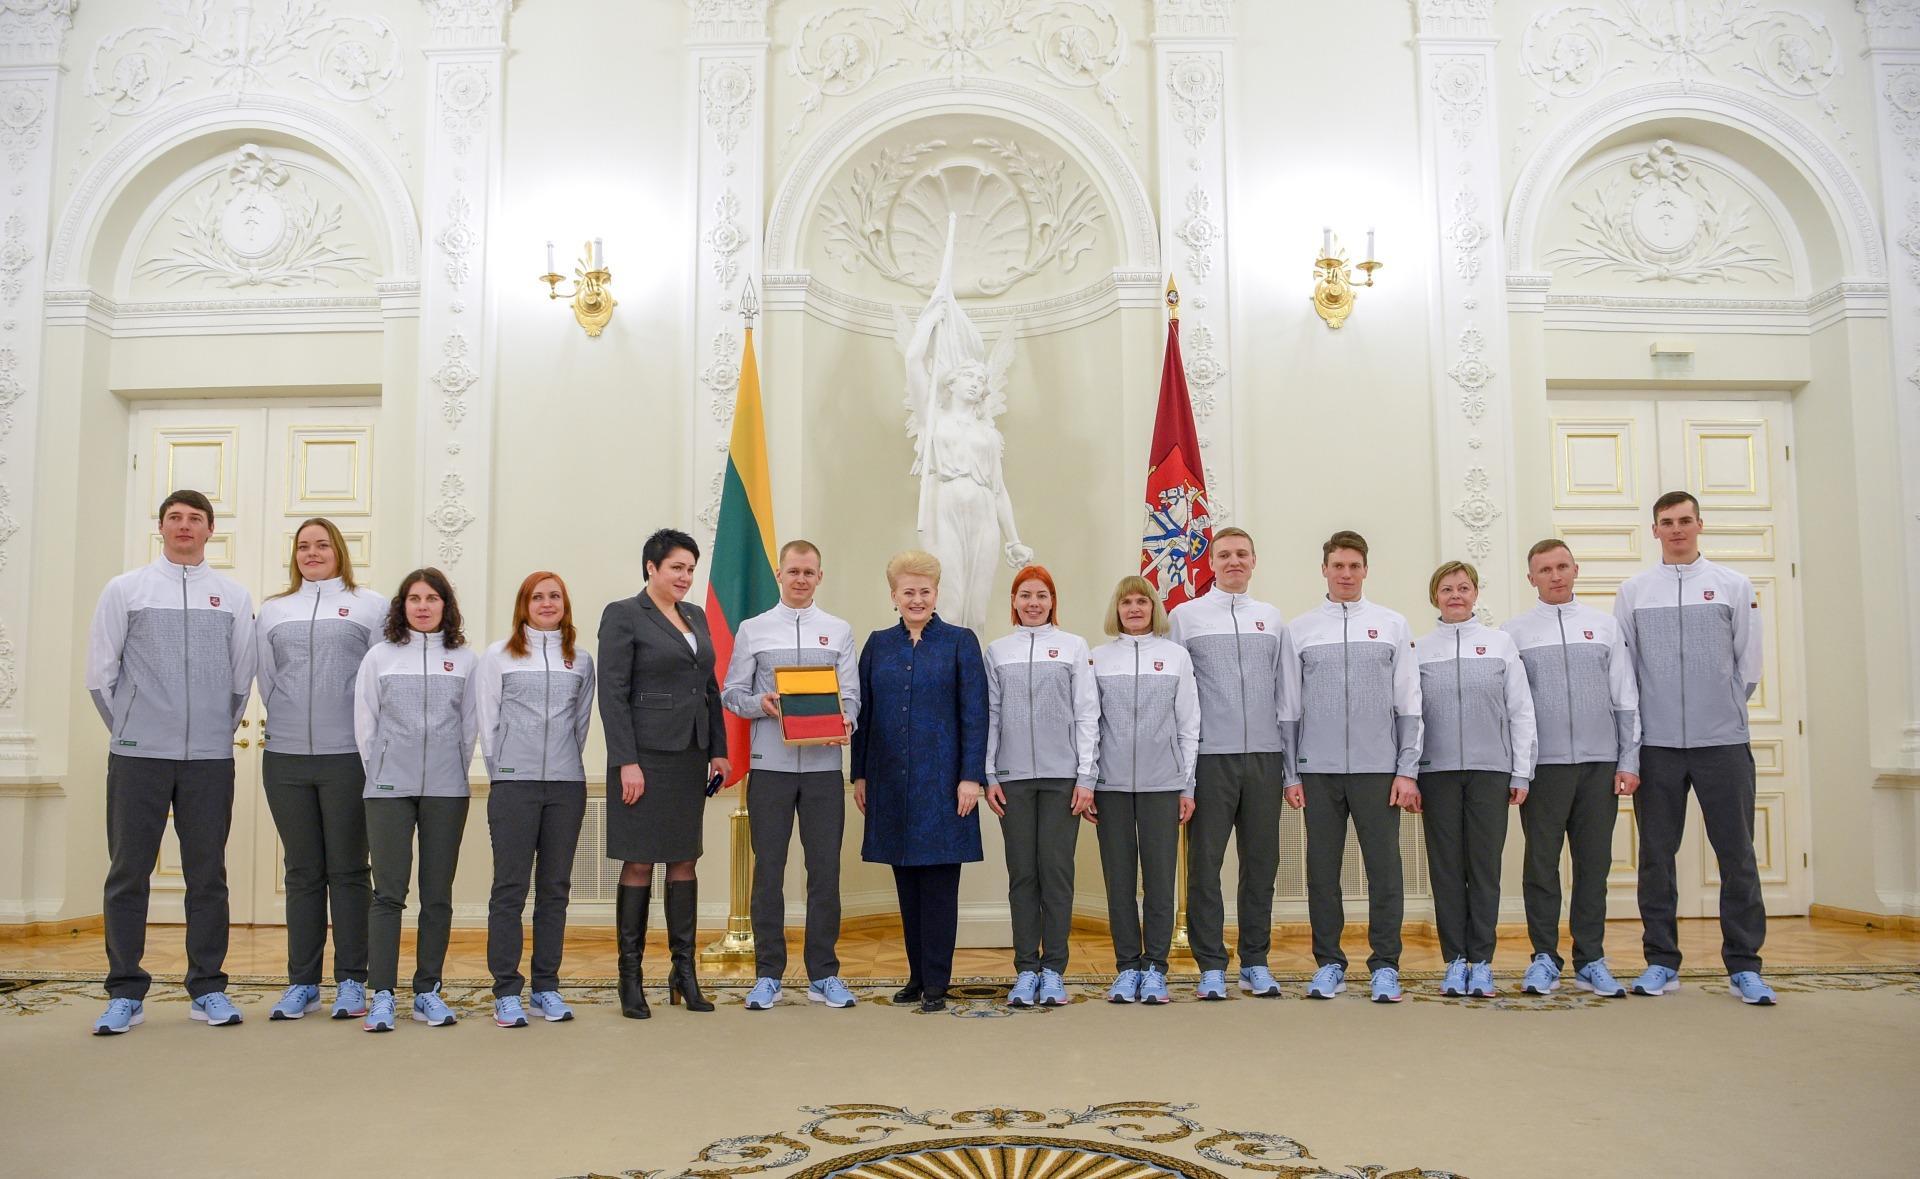 Cборную Литвы проводили на Зимнюю олимпиаду в Южной Корее